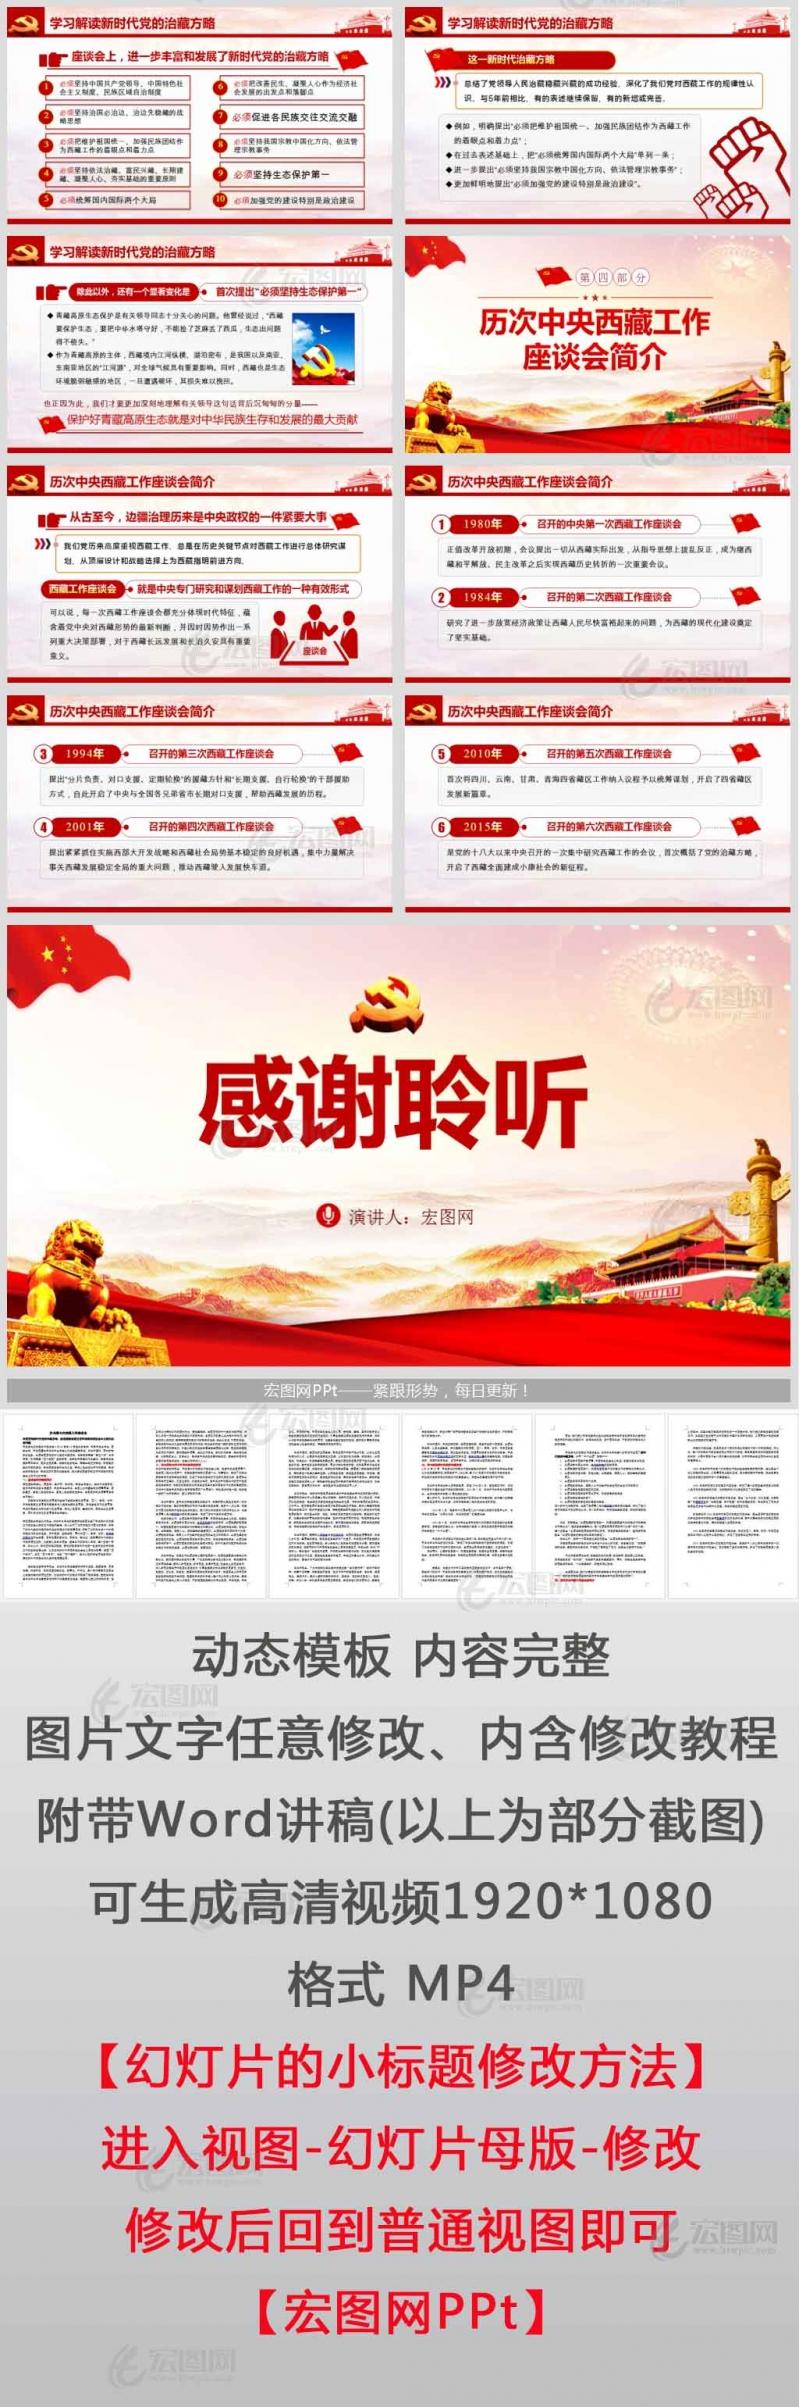 中央第七次西藏工作座谈会全面贯彻新时代党的治藏方略 建设团结富裕文明和谐美丽的社会主义现代化新西藏PPT